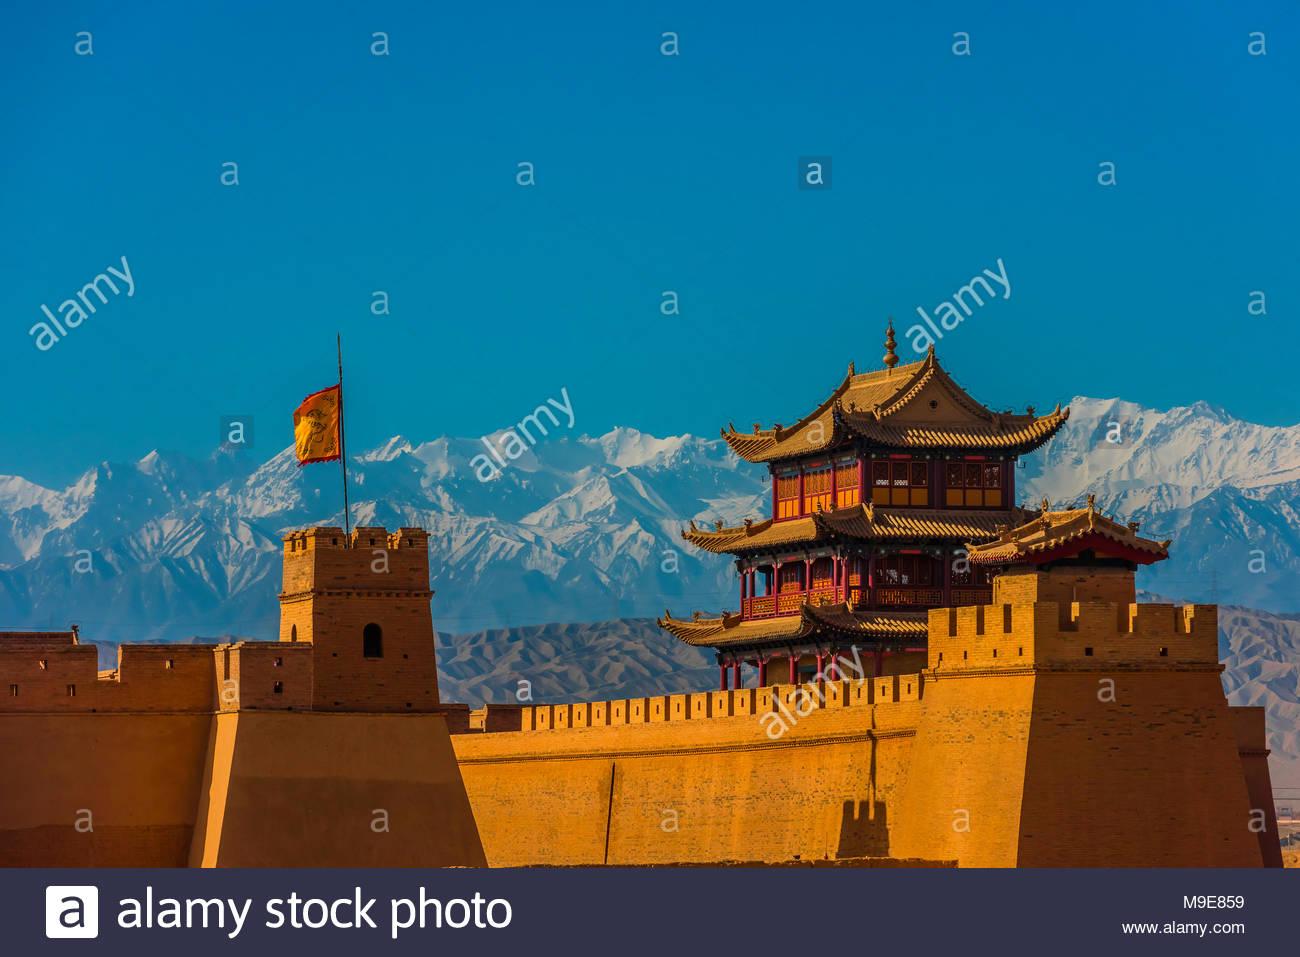 Jiayuguan Fort liegt am westlichen Ende der Großen Mauer gebaut in der Ming-dynastie (1368 - 1644). Es war eine wichtige militärische Festung und wichtigen Wegpunkt o Stockbild